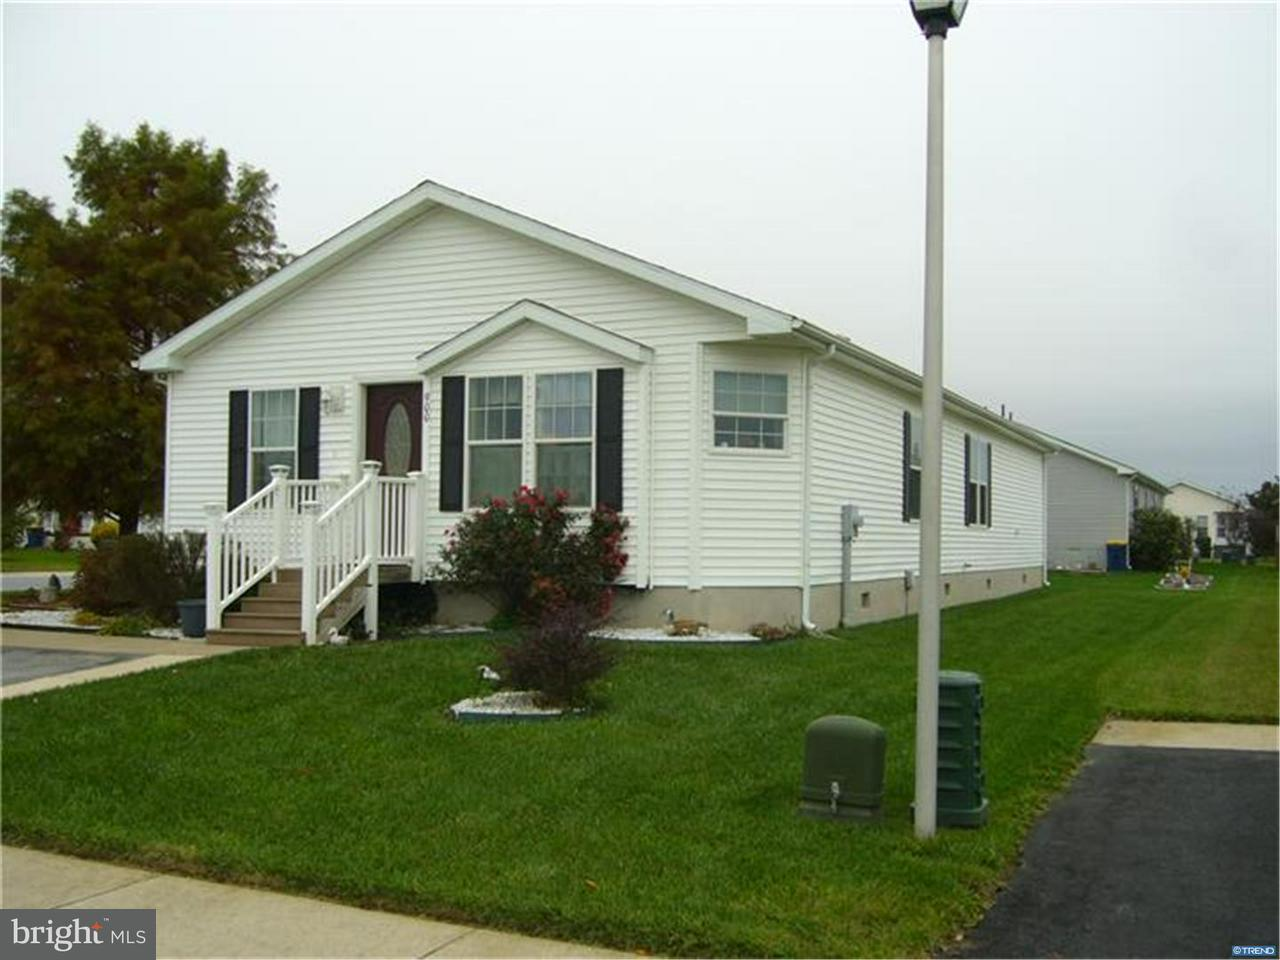 移动之家 为 销售 在 900 APPLEBERRY Drive Smyrna, 特拉华州 19977 美国